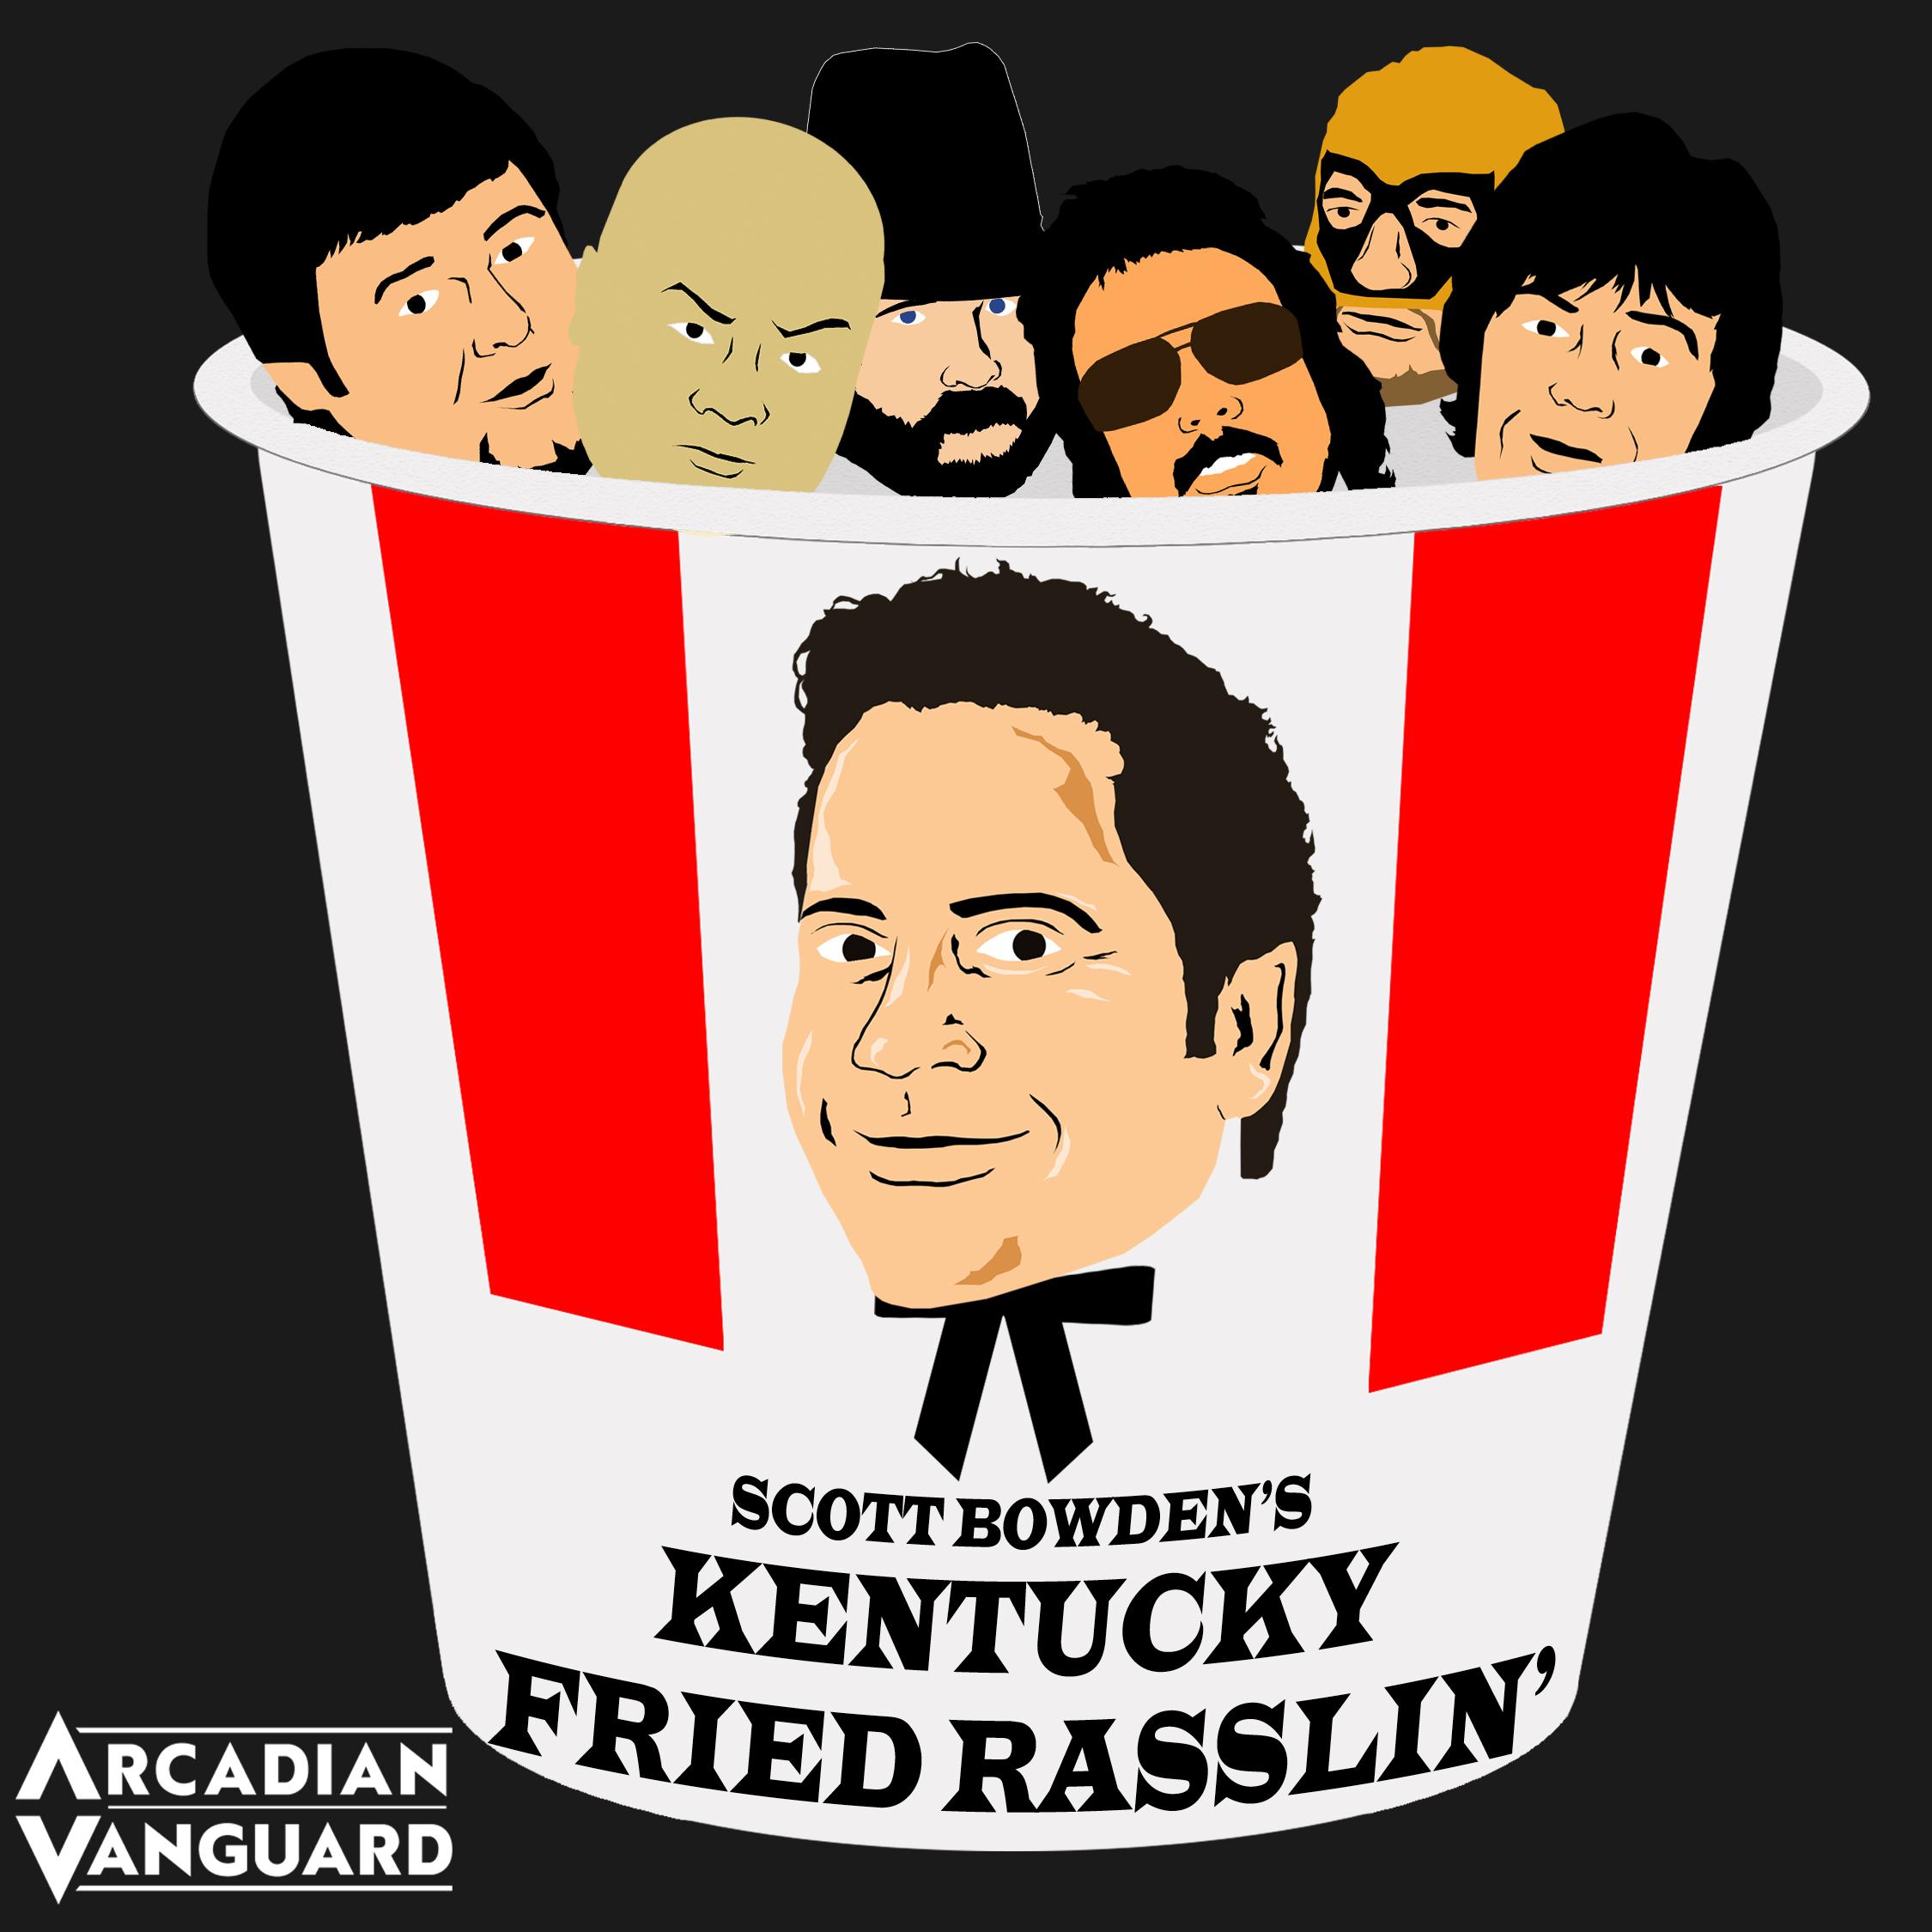 Kentucky Fried Rasslin'